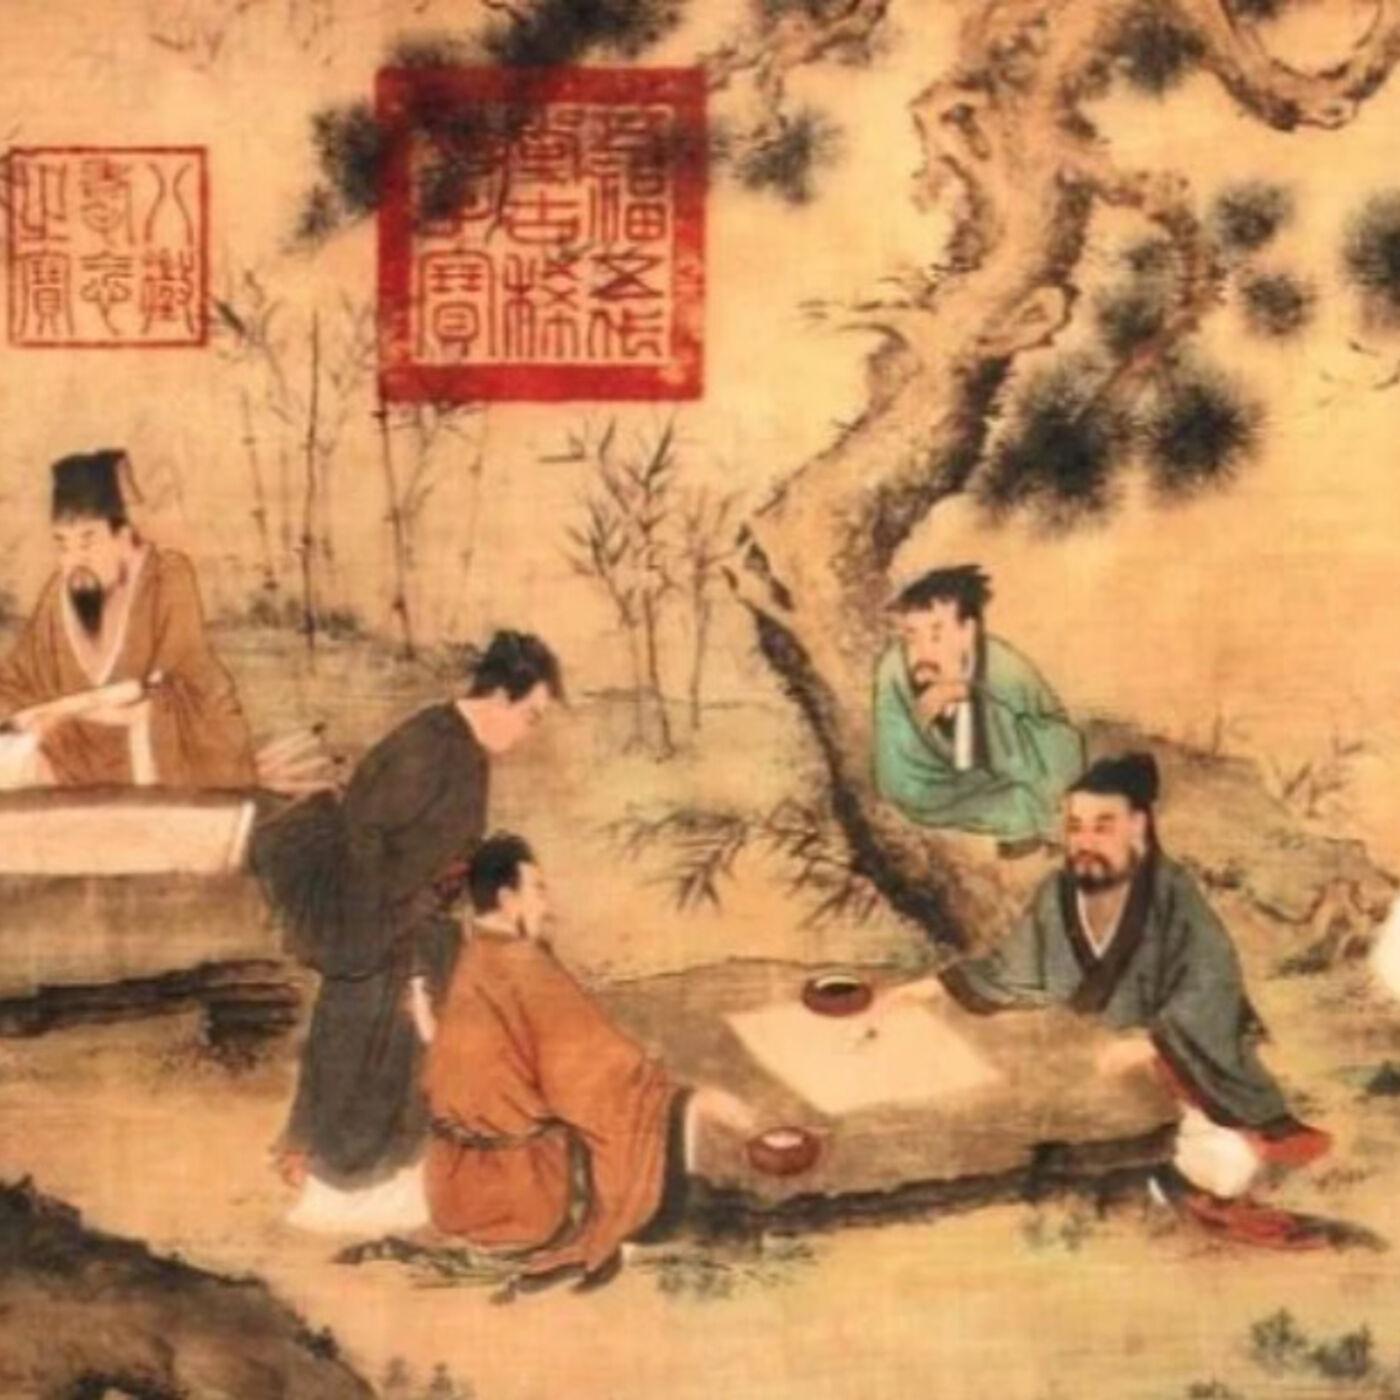 Đạo trị quốc của cổ nhân: Thuận theo tự nhiên